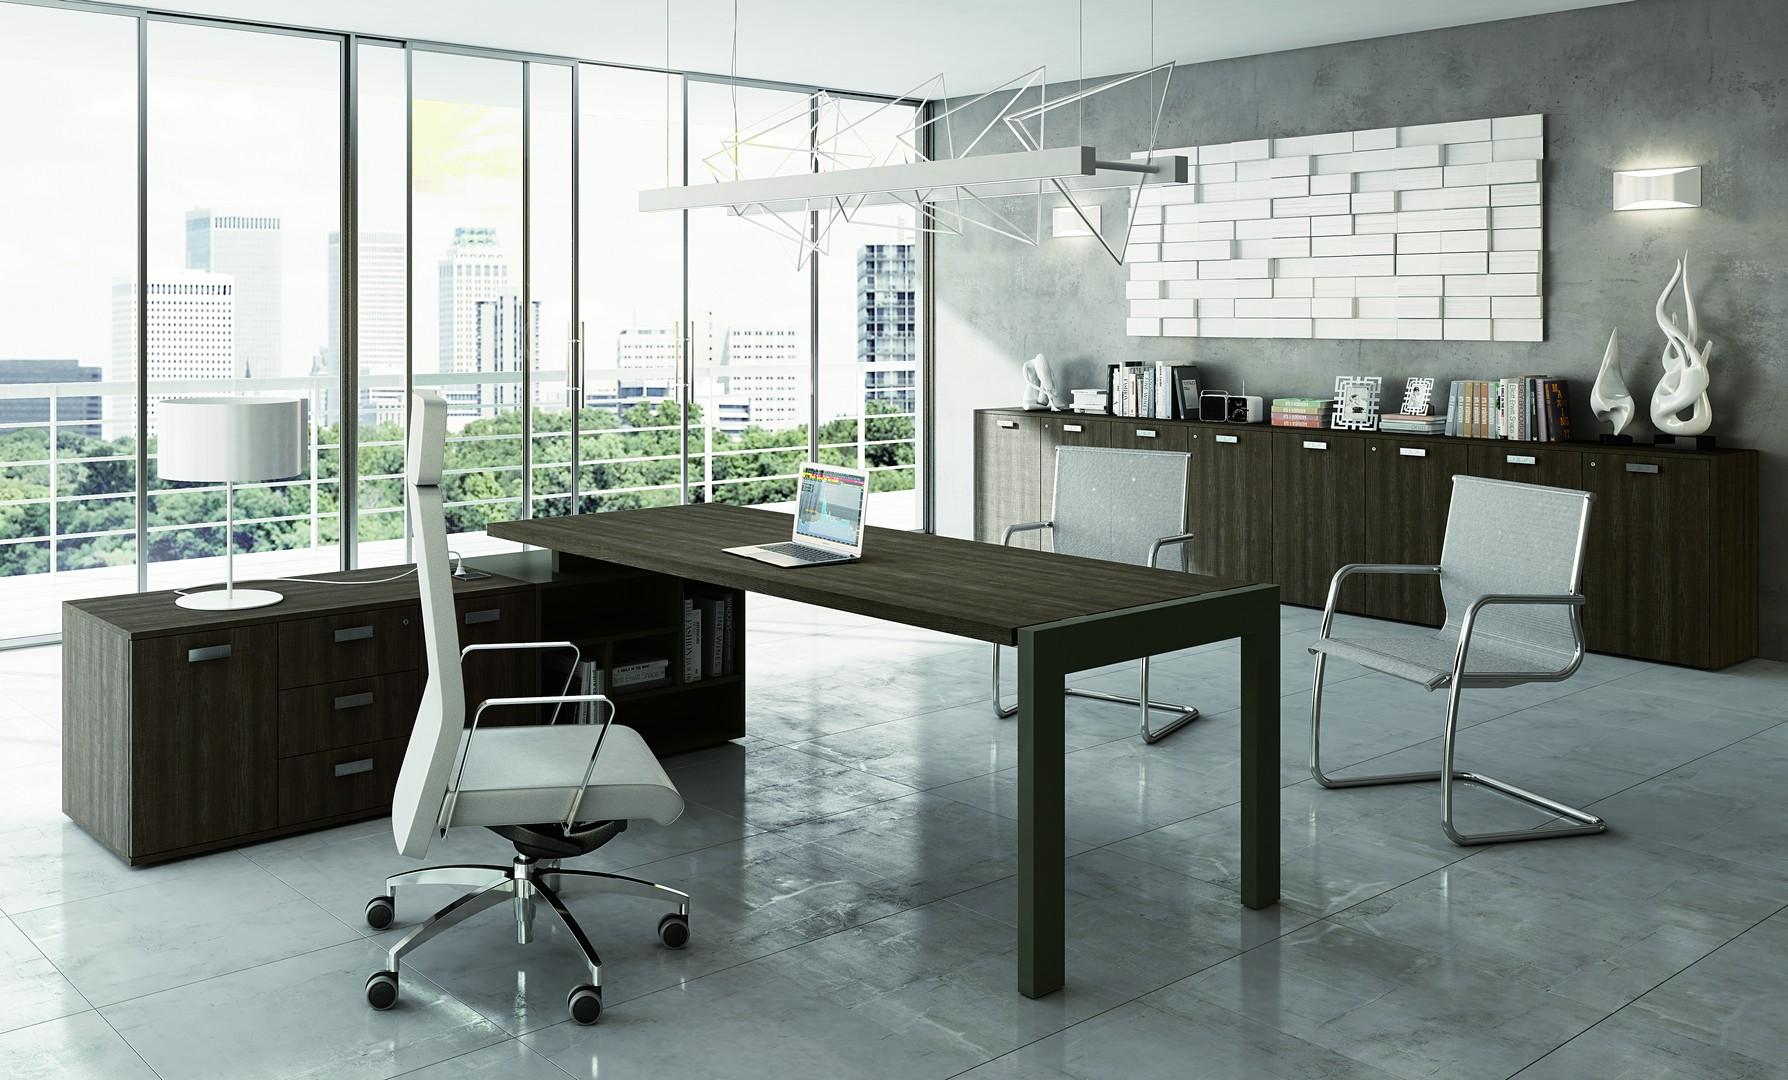 Biwo tu nueva oficina tower evo for Despachos y oficinas